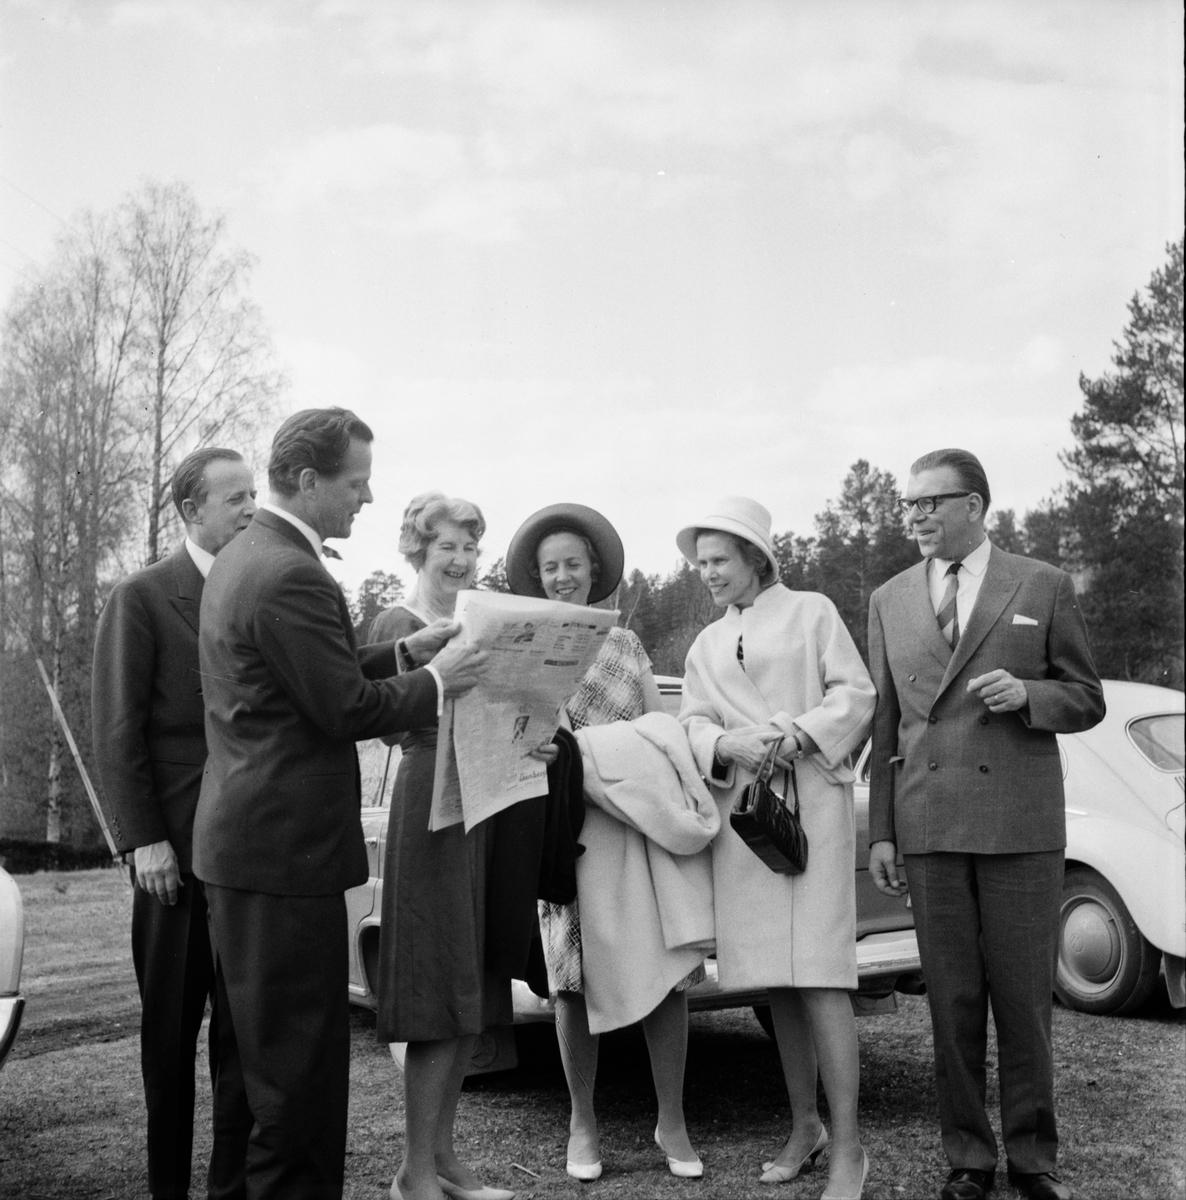 Svabensverk, Invigning av bygdegården, 26 Maj 1965